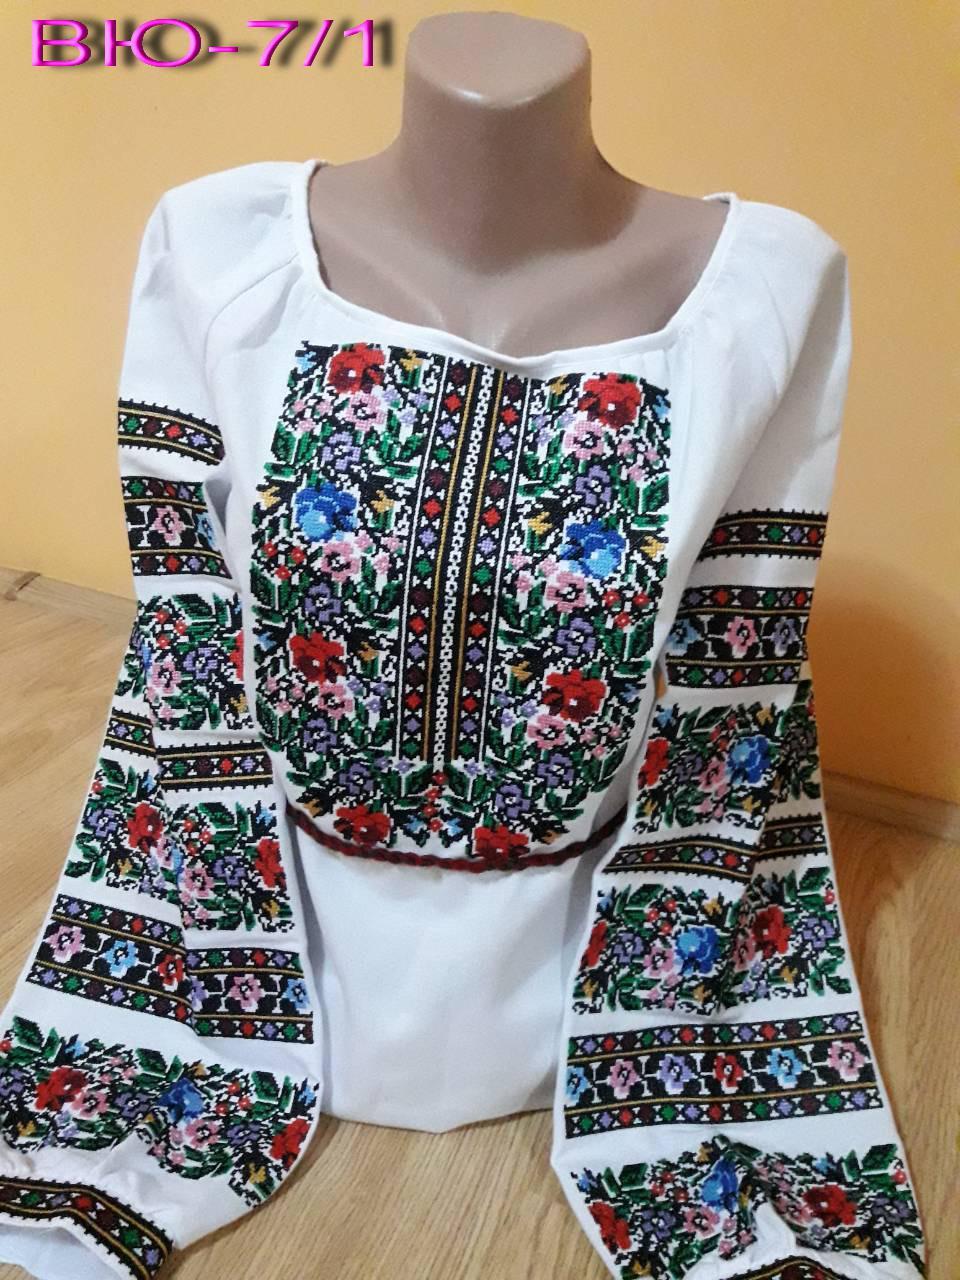 90c6a821fa1 Праздничная женская вышитая крестиком блузка из домотканого полотна -  Интернет-магазин одежды